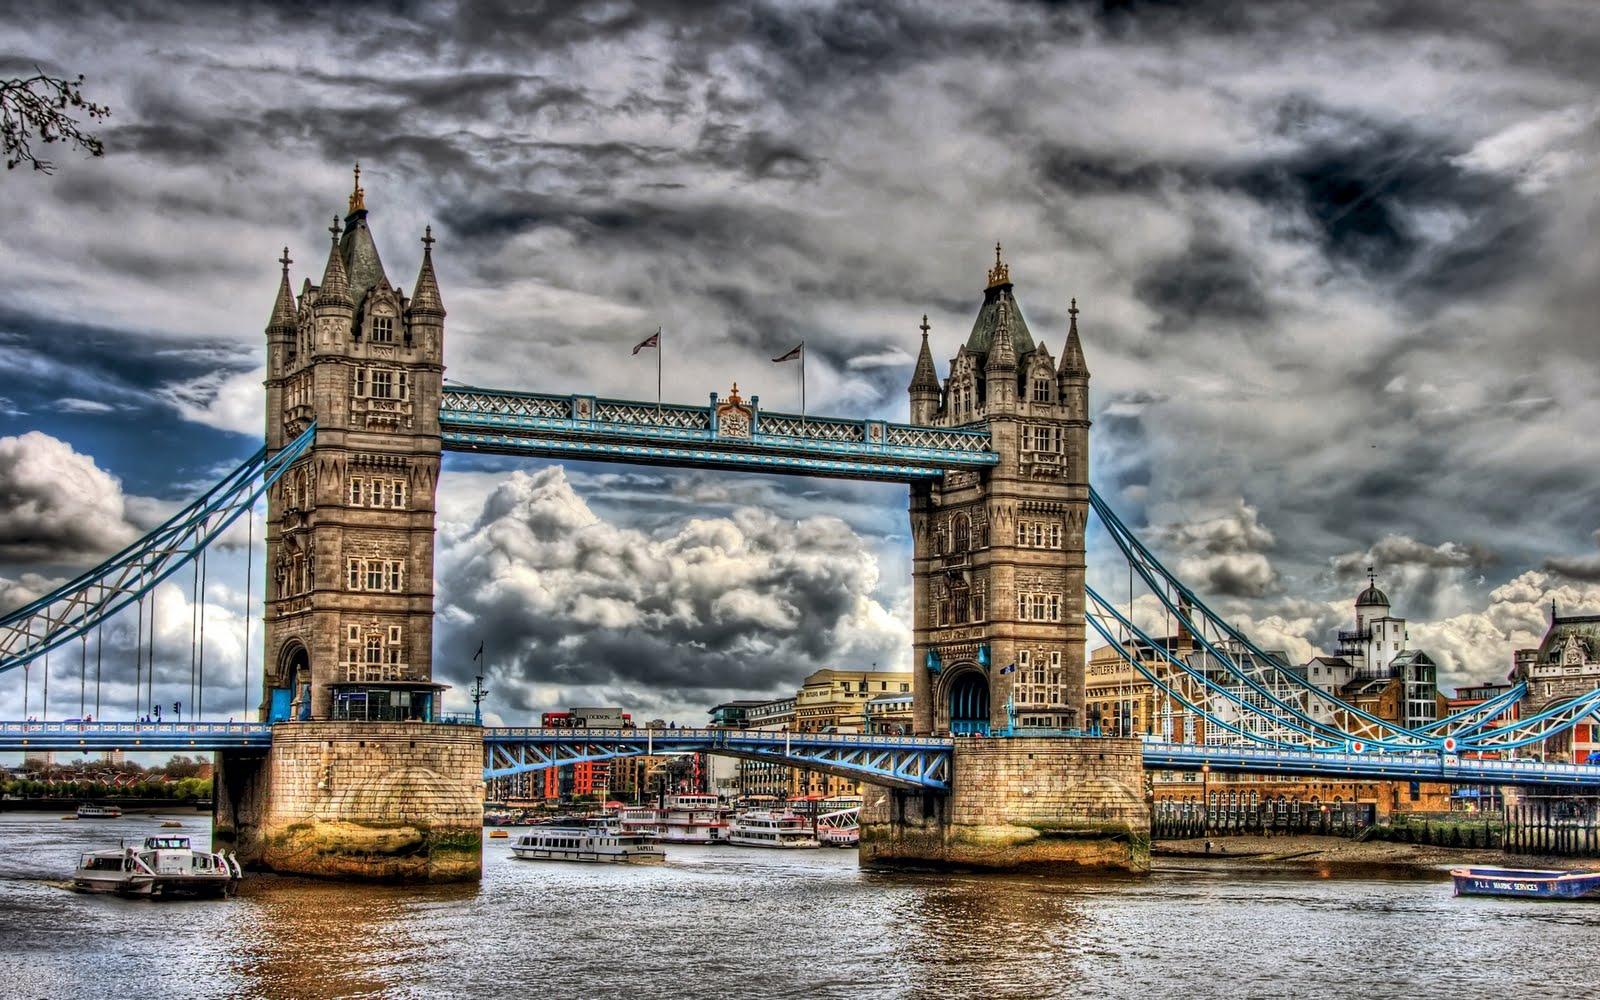 http://3.bp.blogspot.com/-BSNFQO2cjZI/ThKCbQTpHsI/AAAAAAAAh-Y/Nckm0kP5thg/s1600/hdr-tower-bridge-1920x1200-wallpaper.jpg